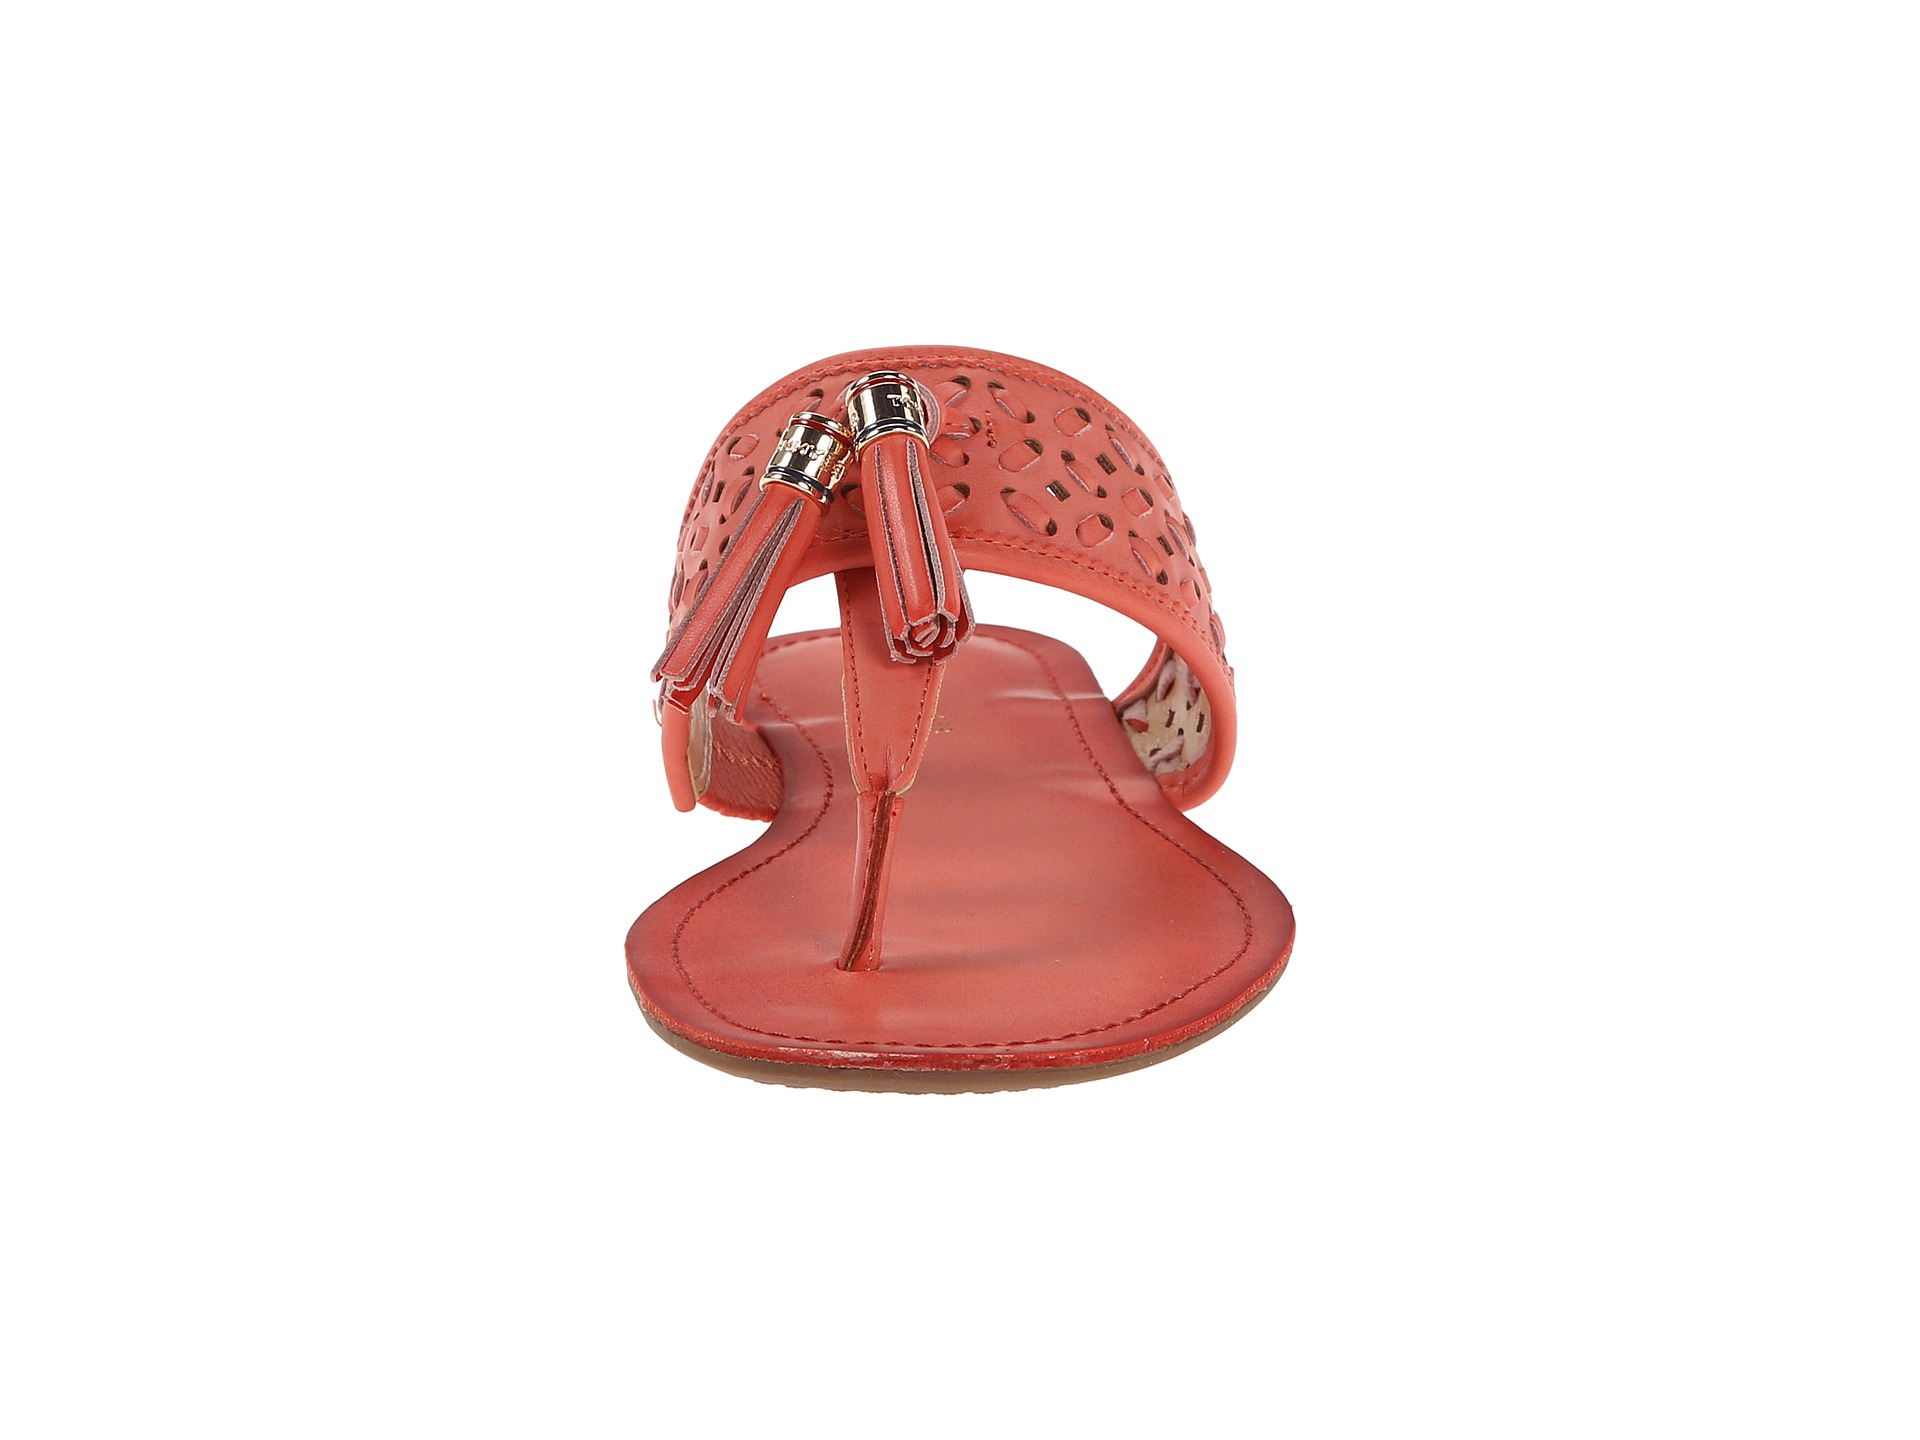 1bef8a7511bdf Lyst - Tommy Hilfiger Laycie in Pink